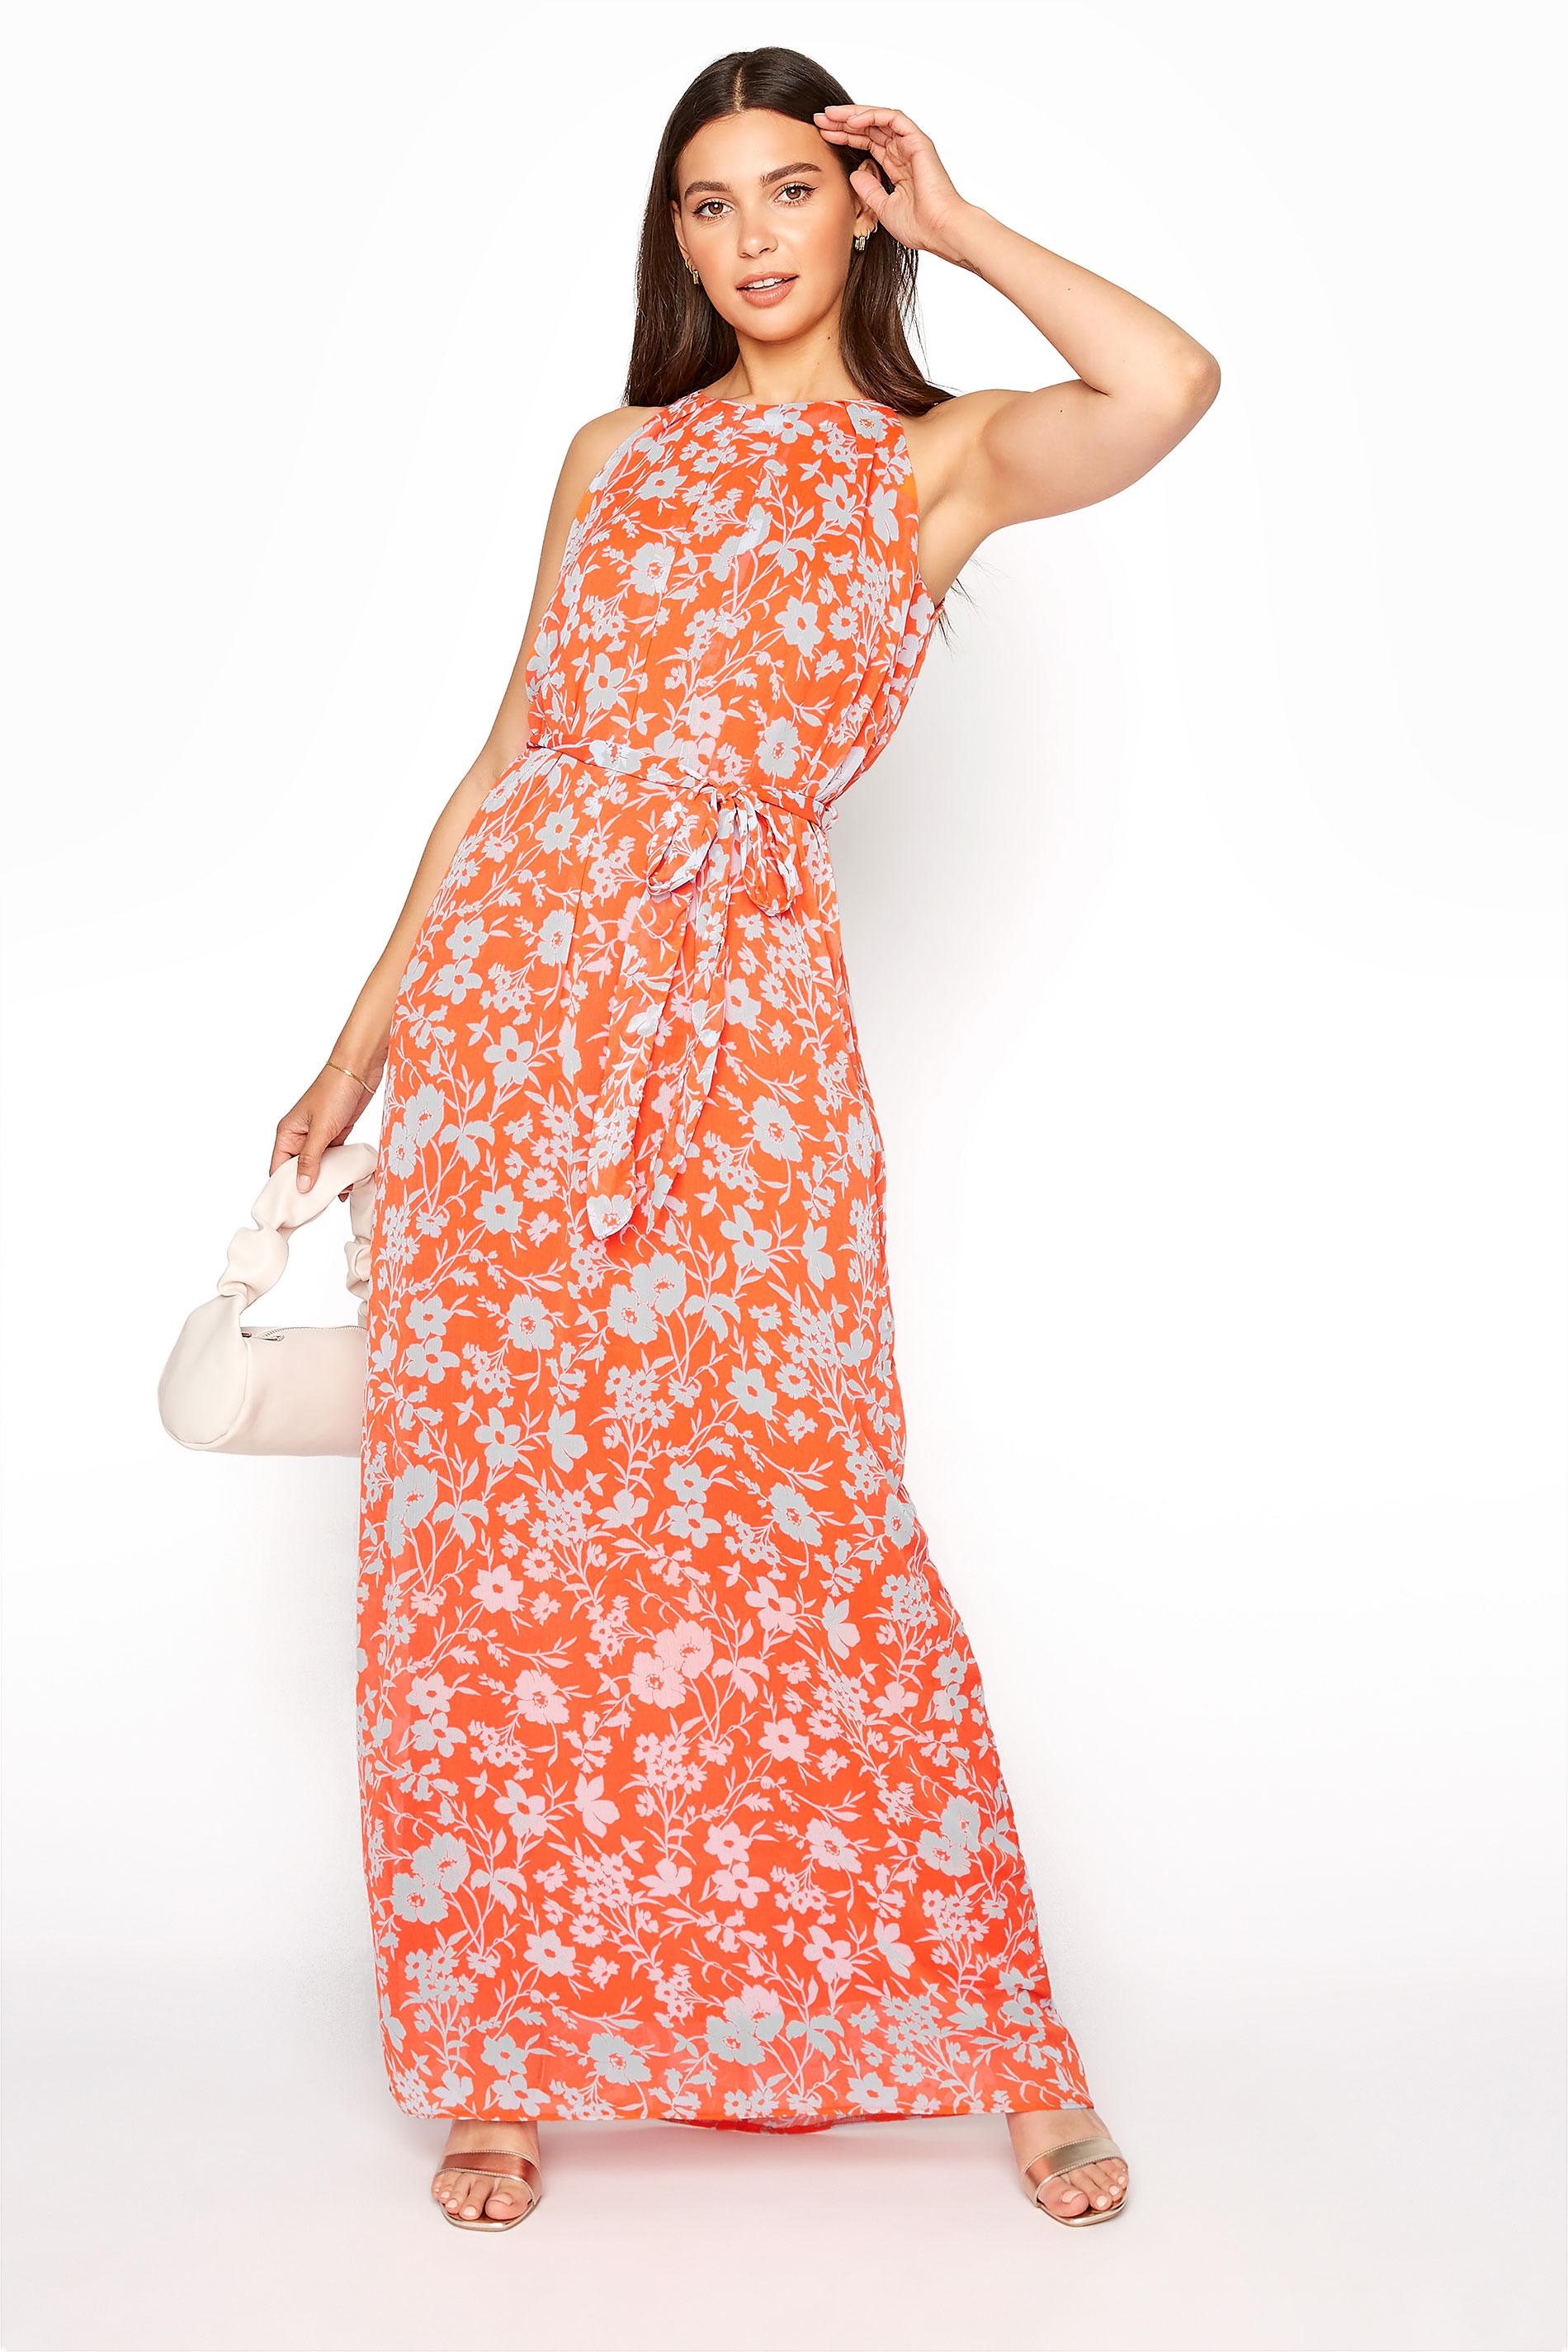 LTS Orange Floral Halter Neck Maxi Dress